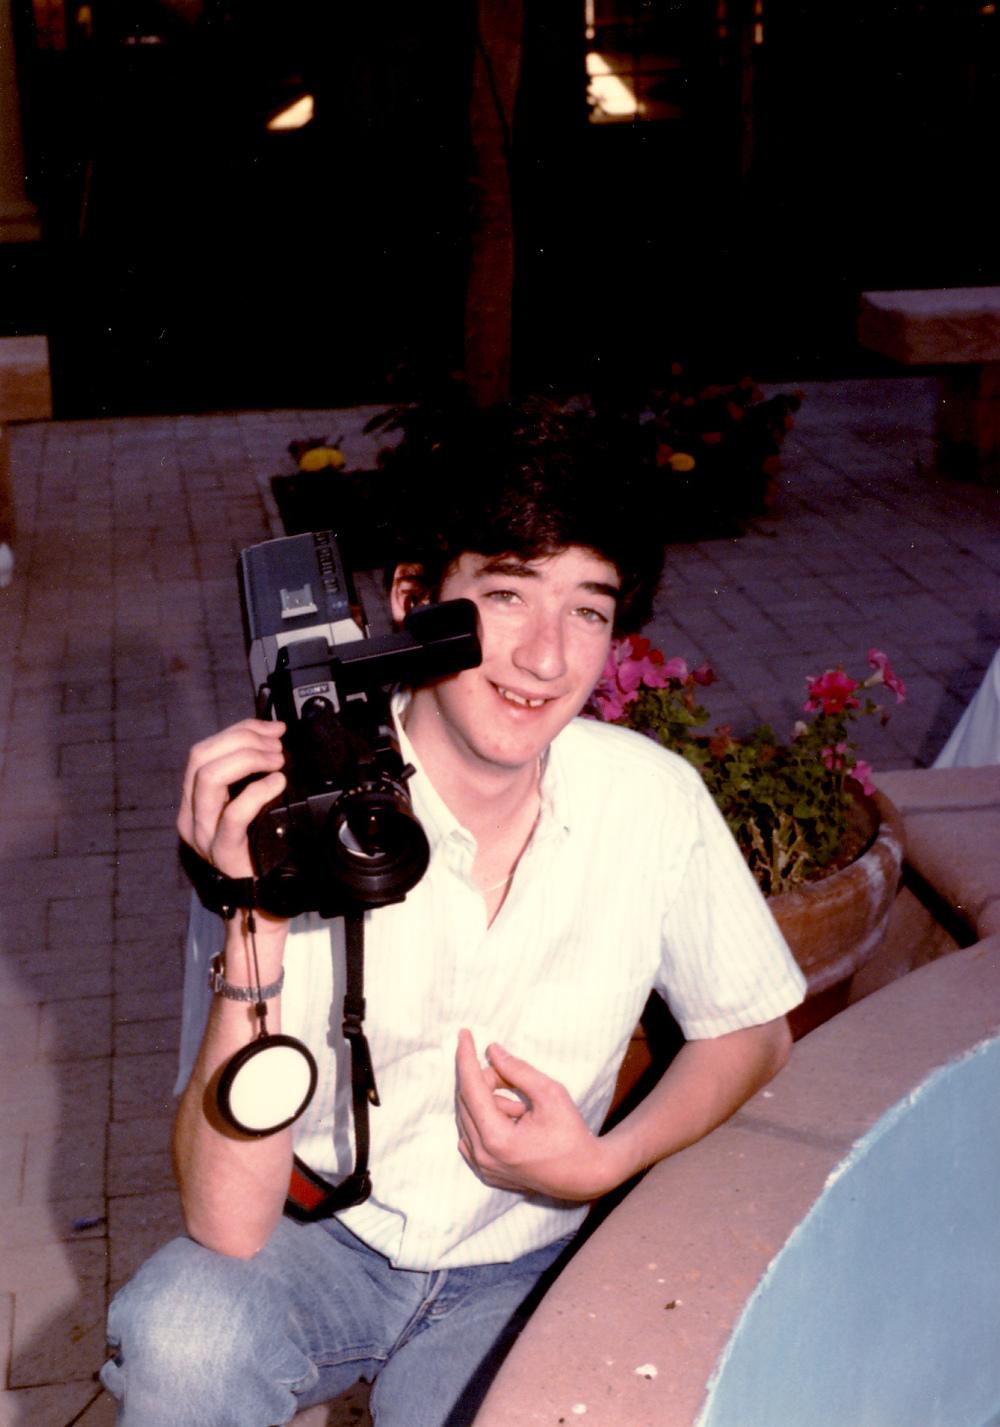 Jay-with-camera-1985.jpg